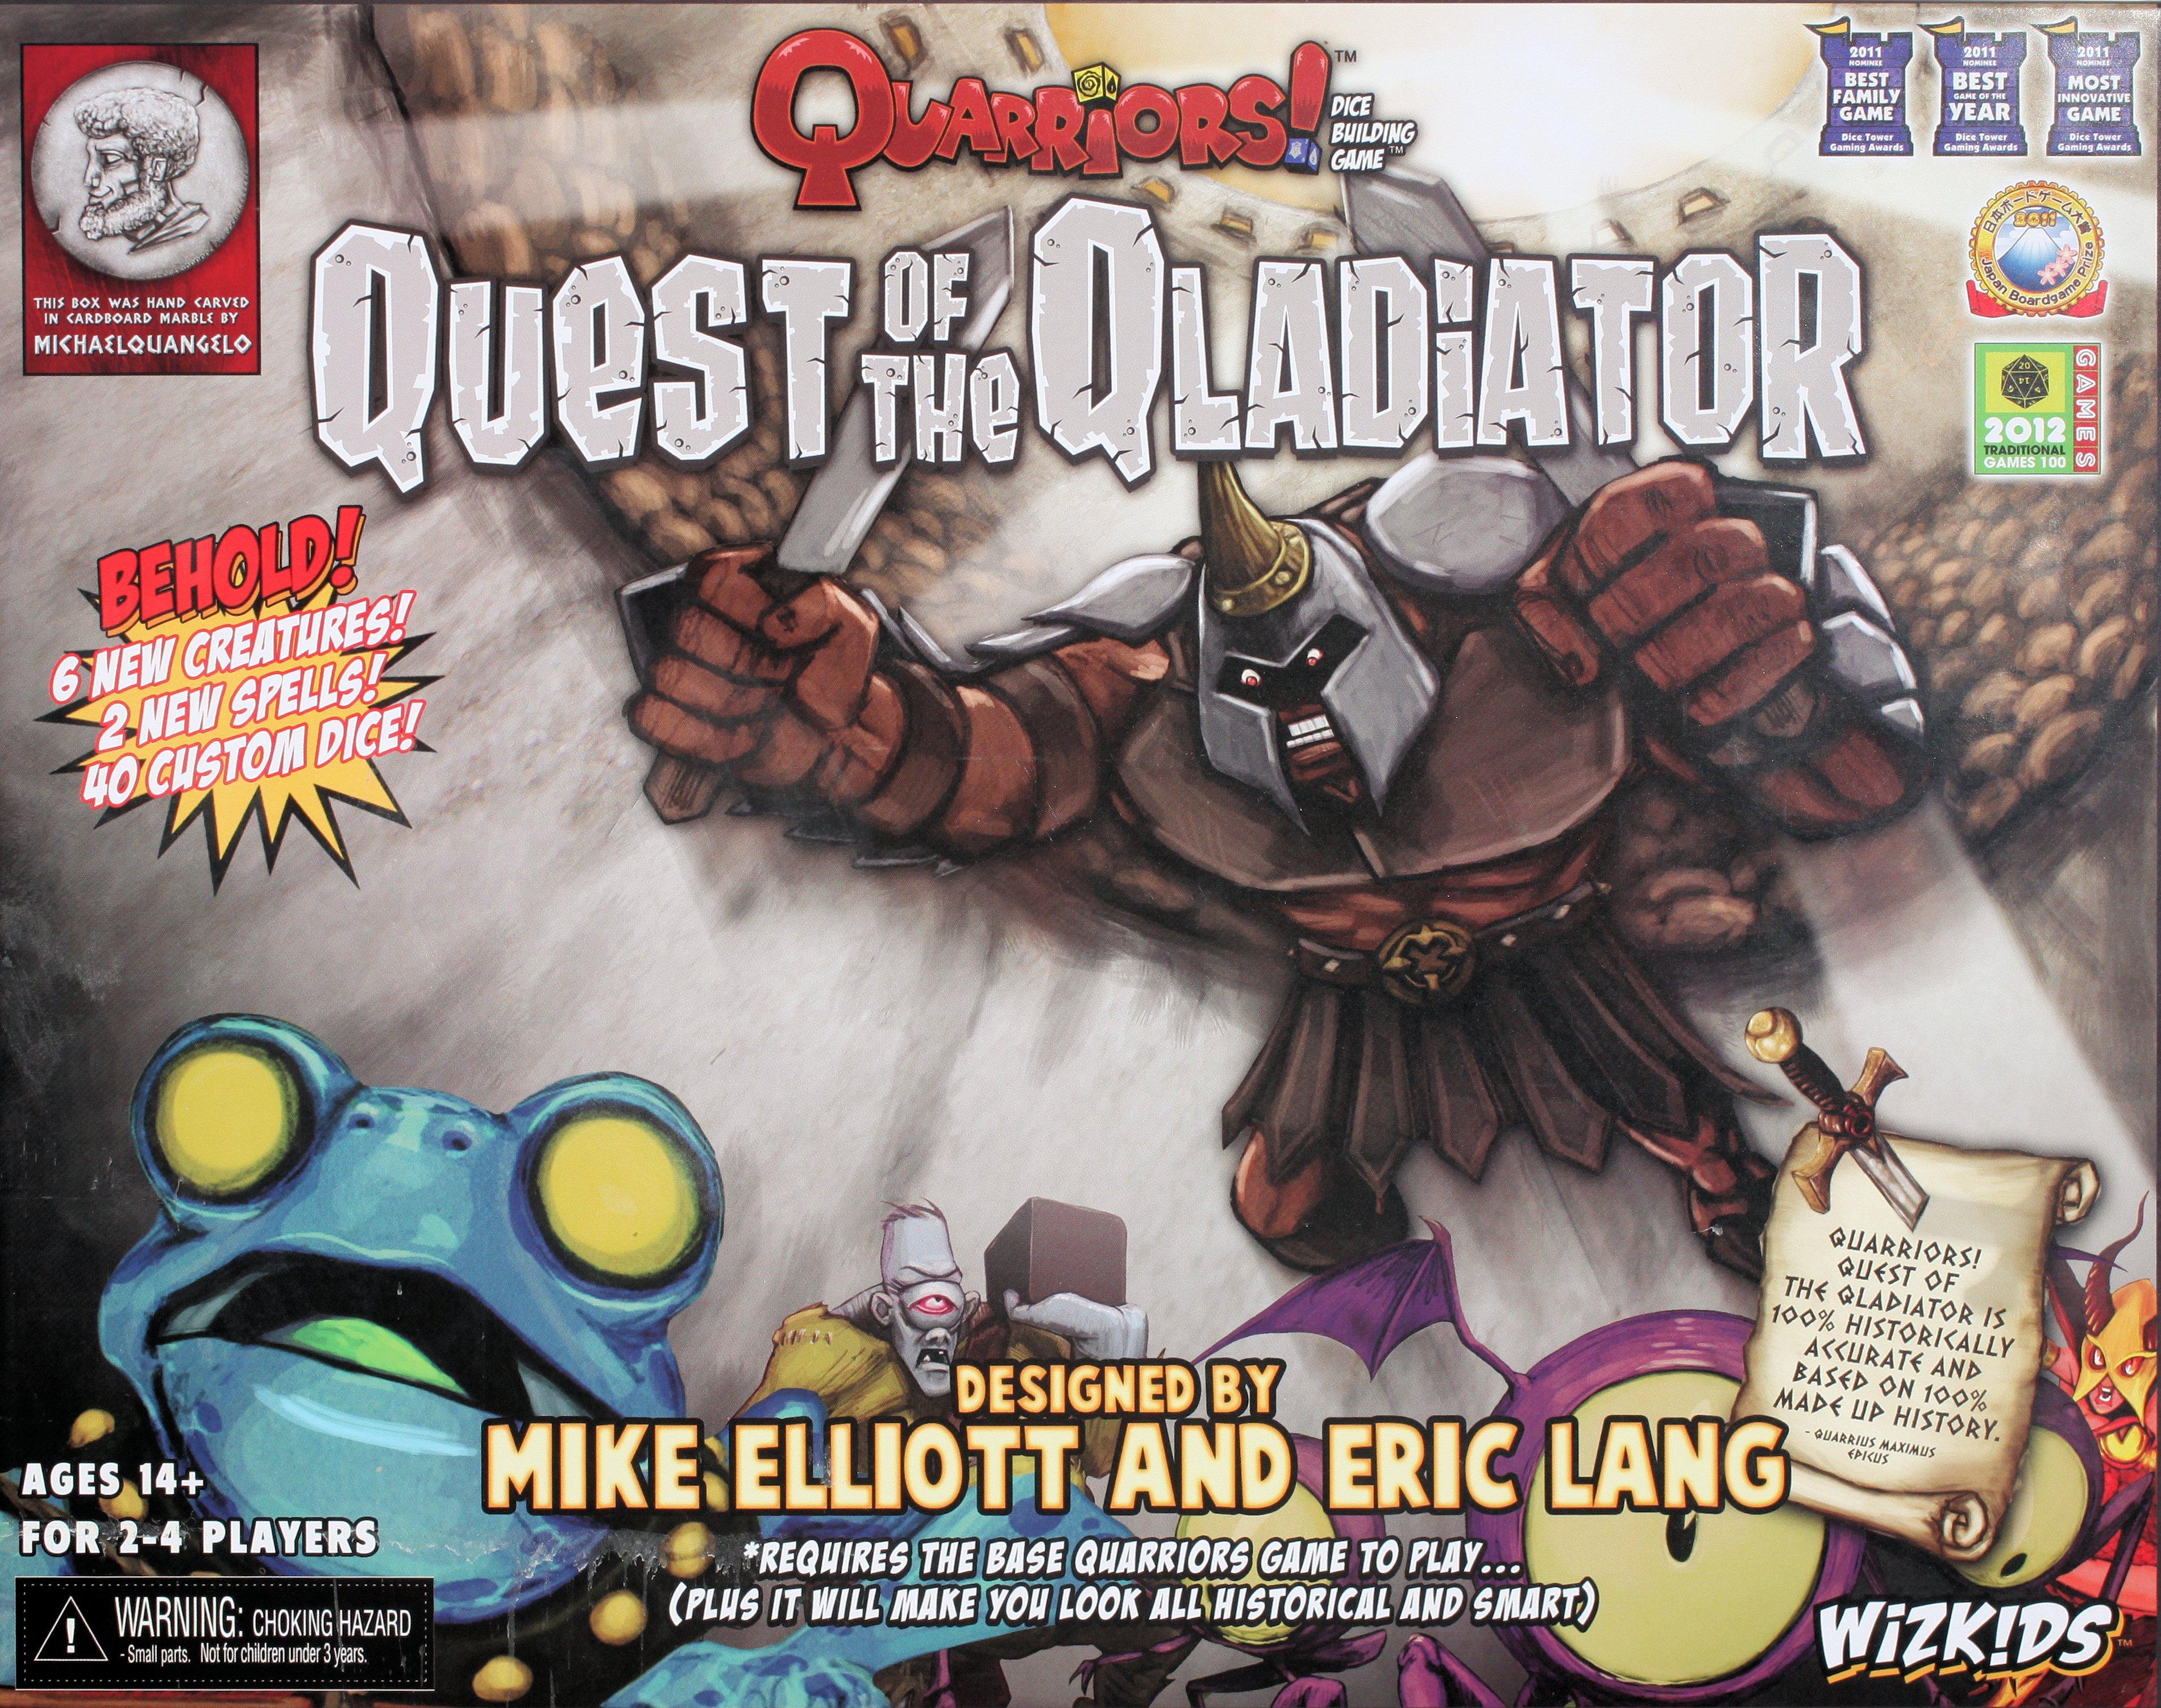 Quarriors! Quest of the Qladiator